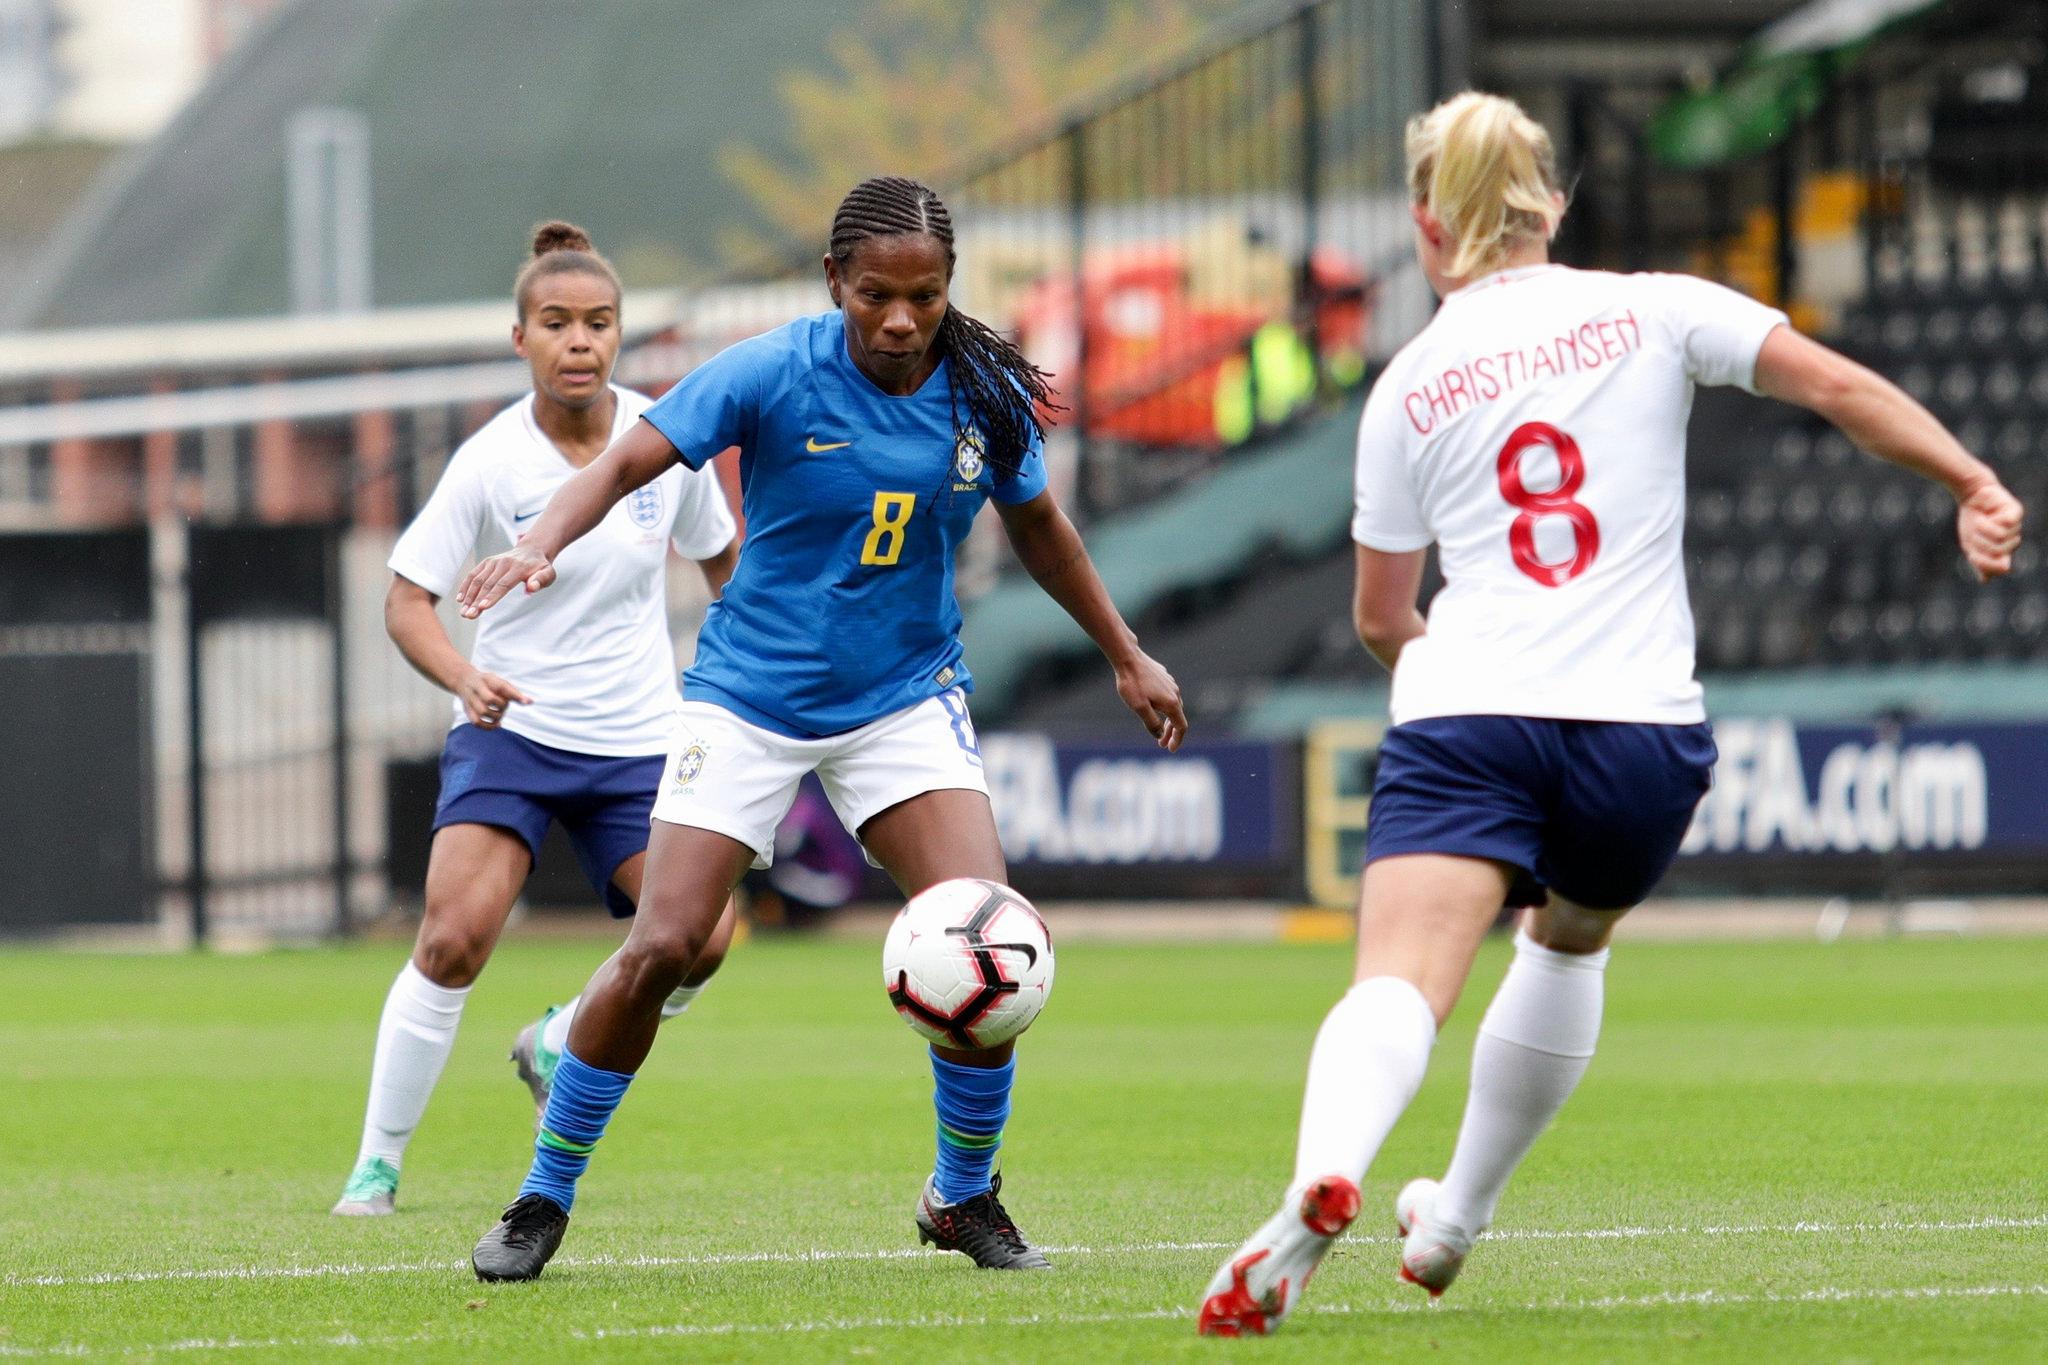 Brasil sai derrotado para Inglaterra em campo e também fora dele ... df172cd1dd106